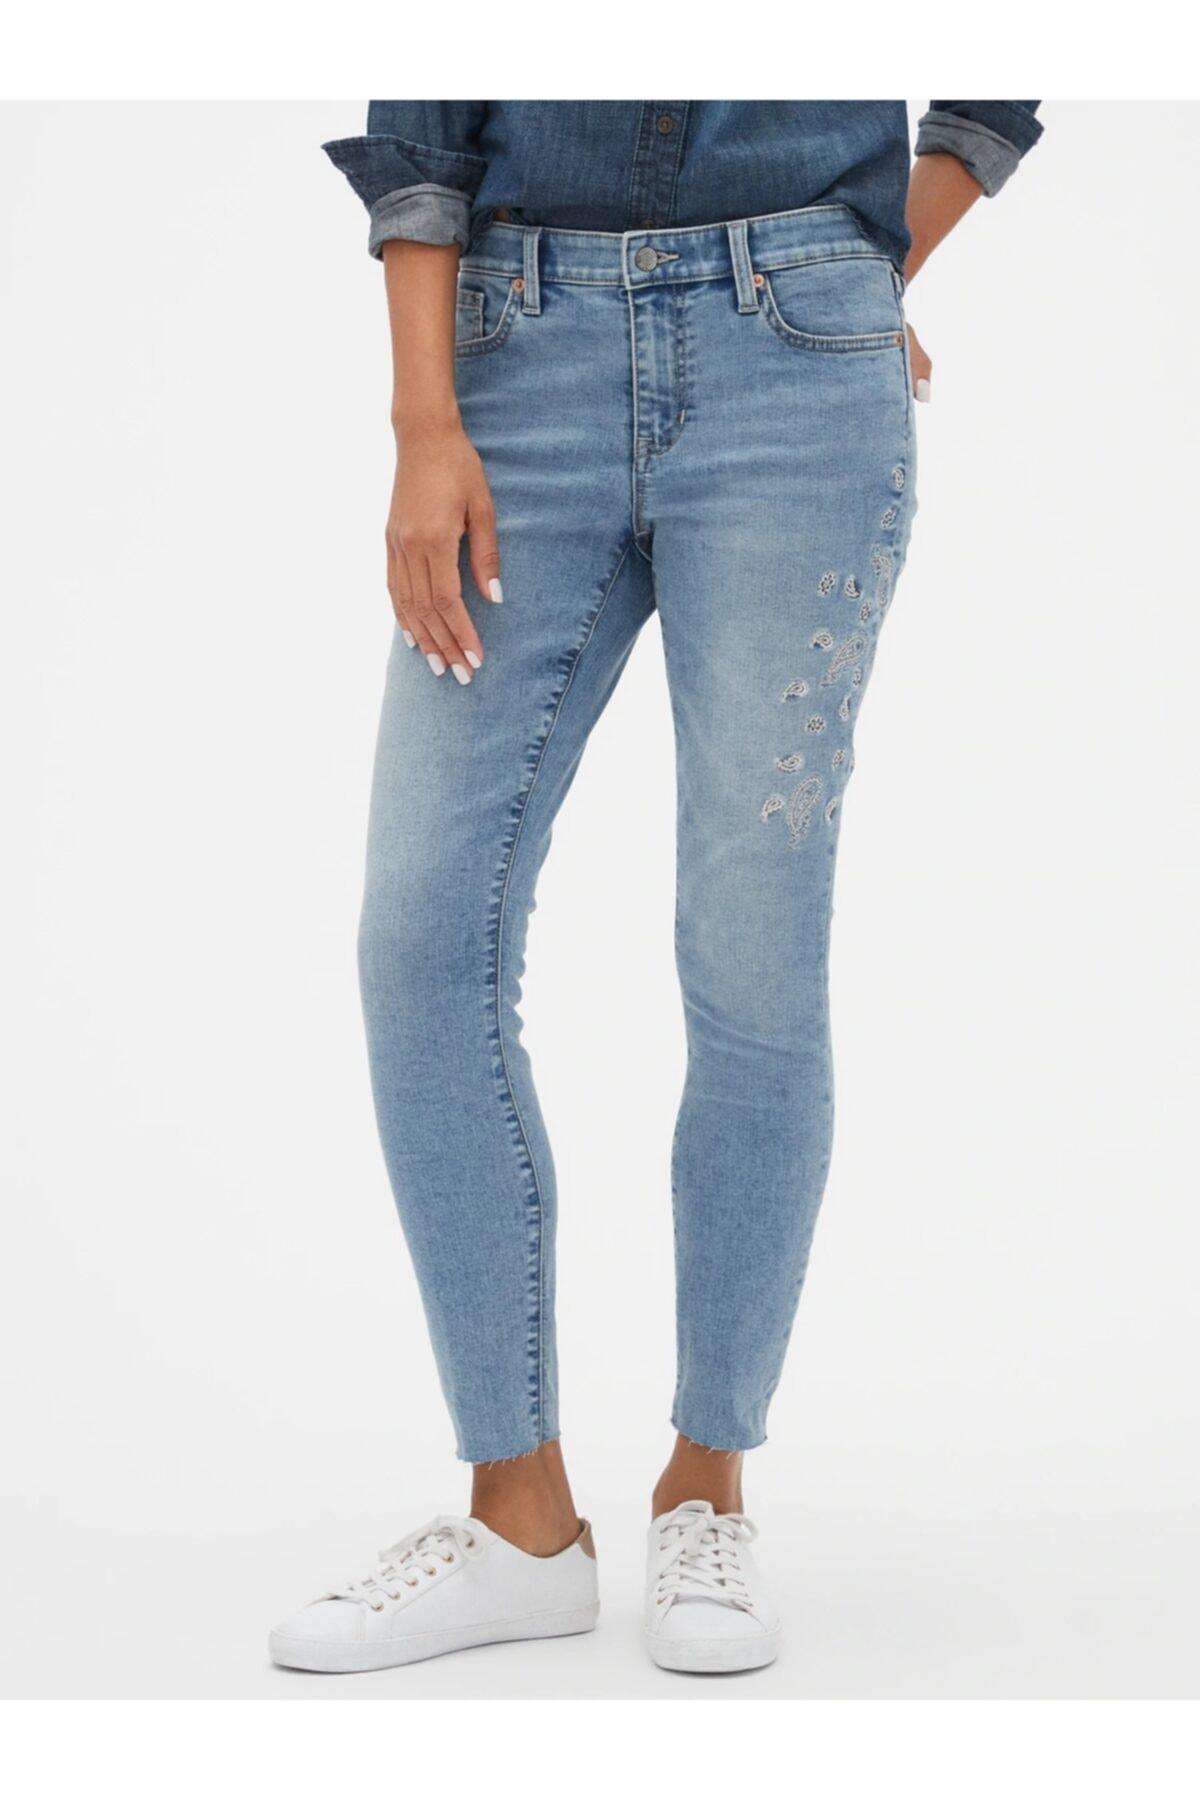 GAP Işlemeli Mid Rise Legging Skimmer Jean Pantolon 1